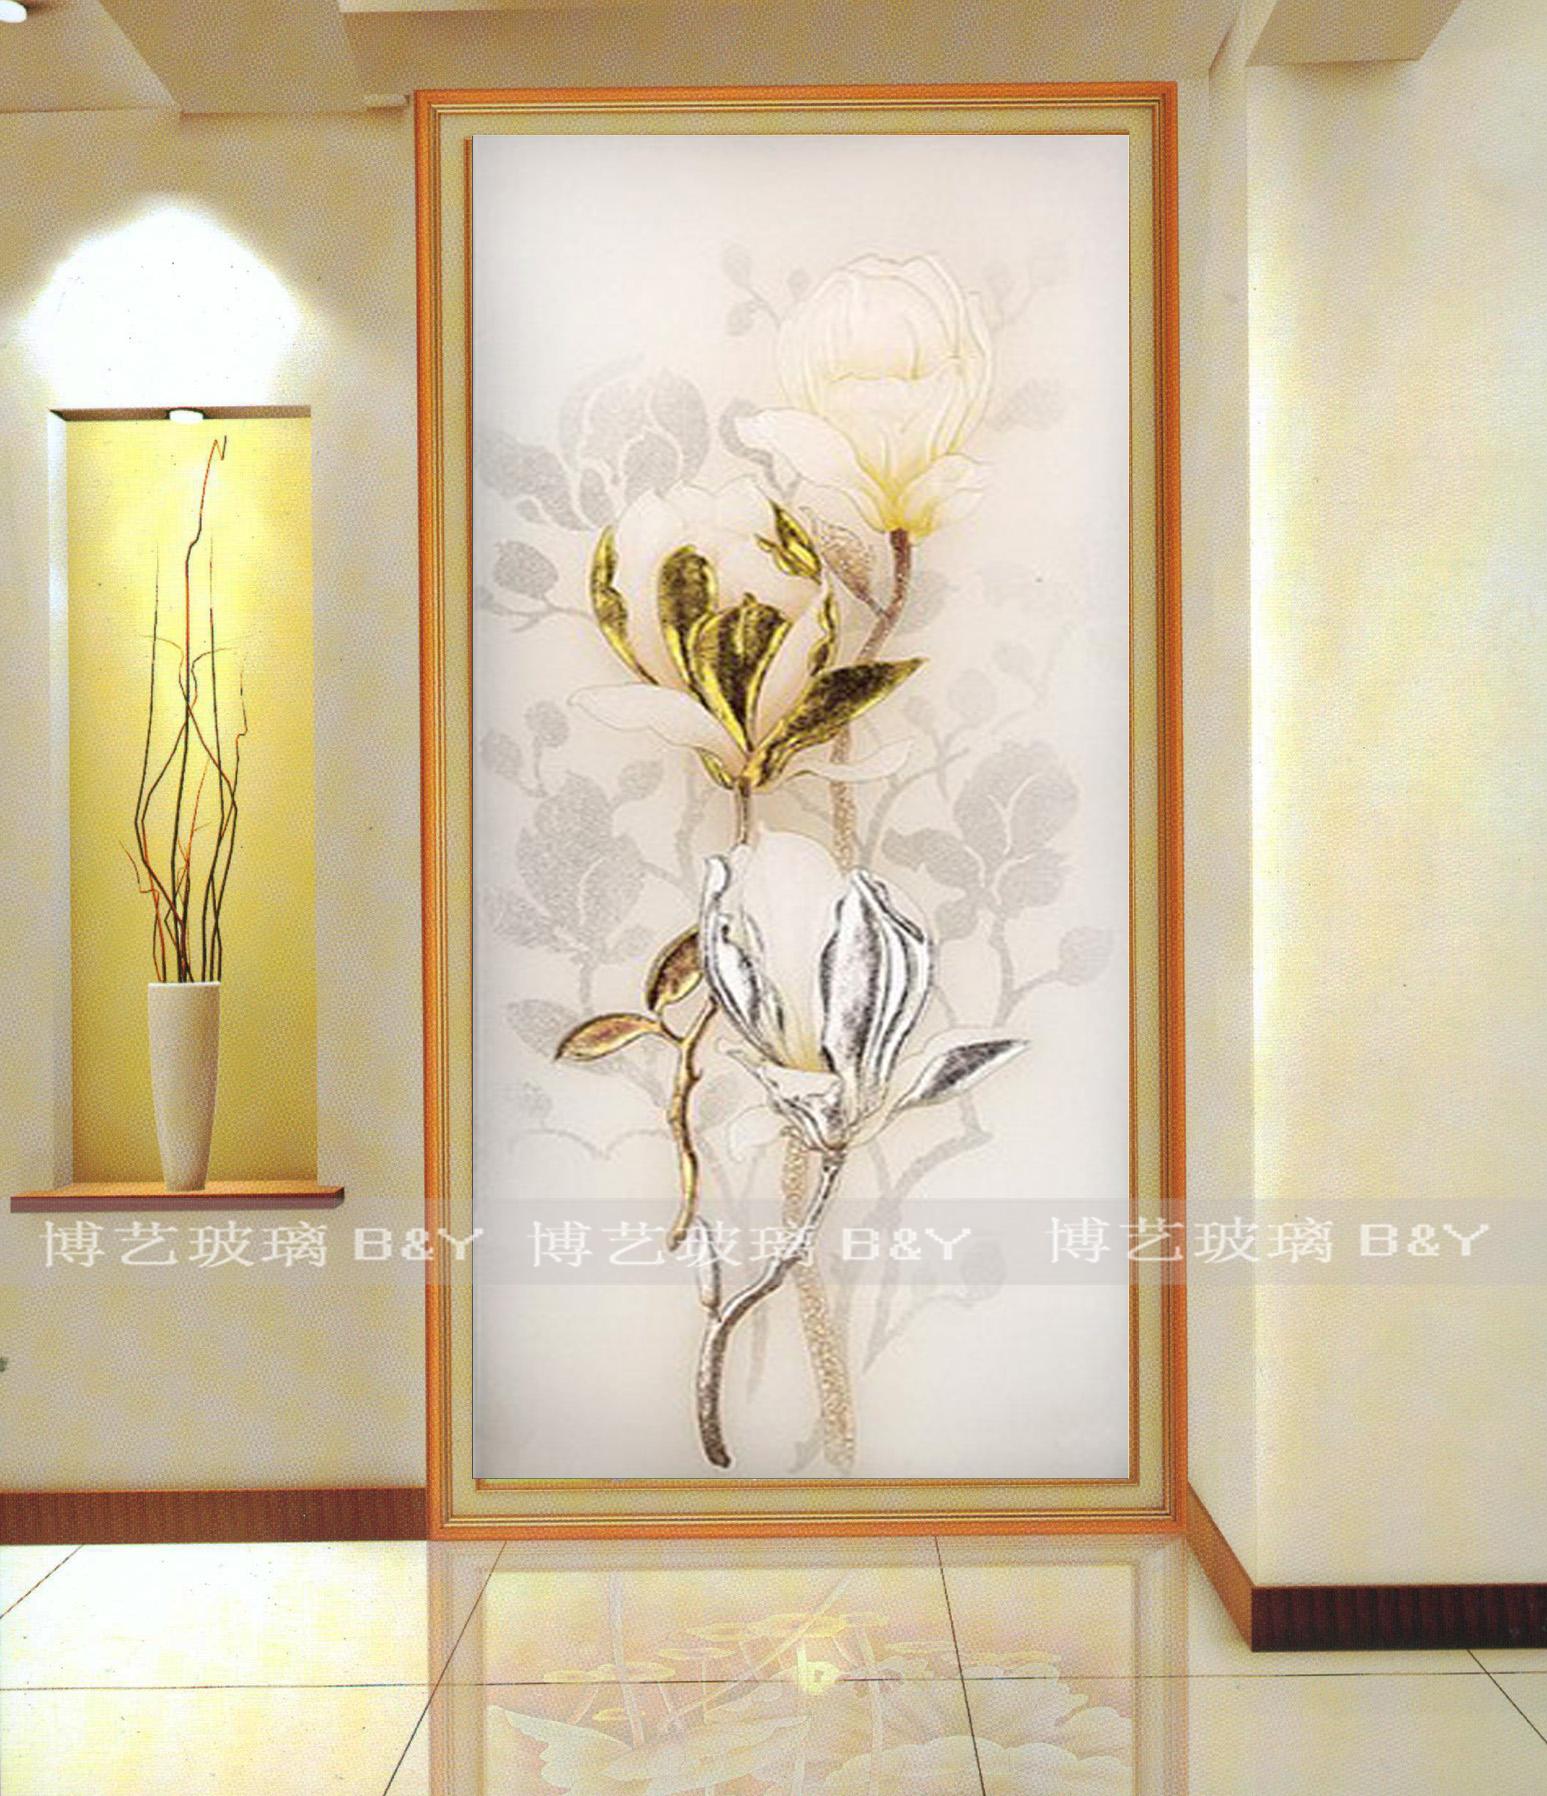 上海艺术玻璃玄关 隔断屏风简欧 现代玉兰 鞋柜上 双面透光 简约